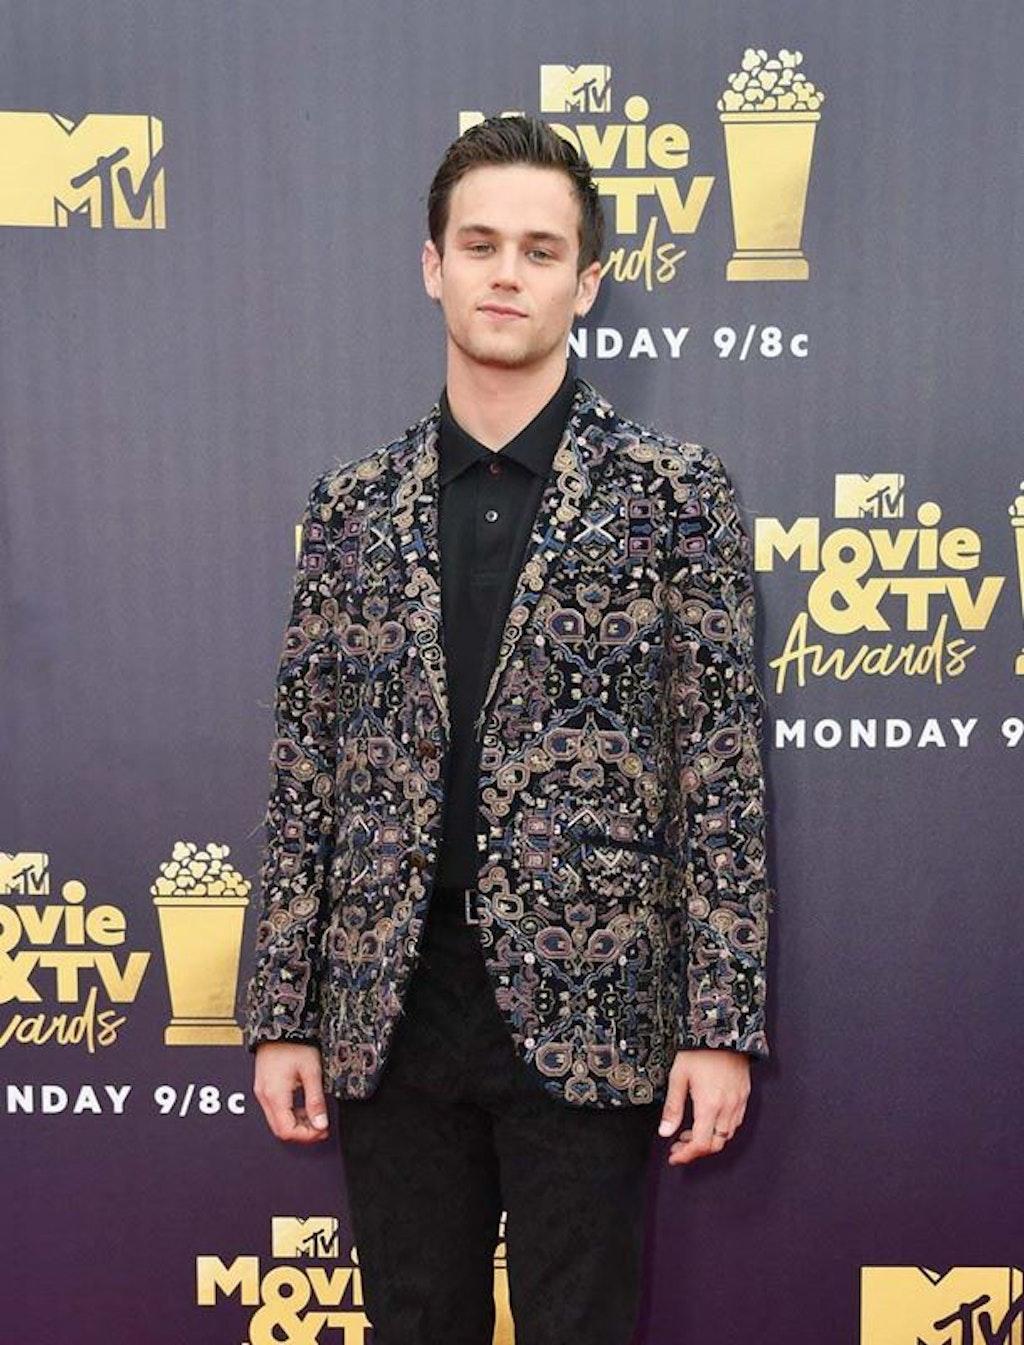 BRANDON FLYNN | MTV MOVIE AWARDS